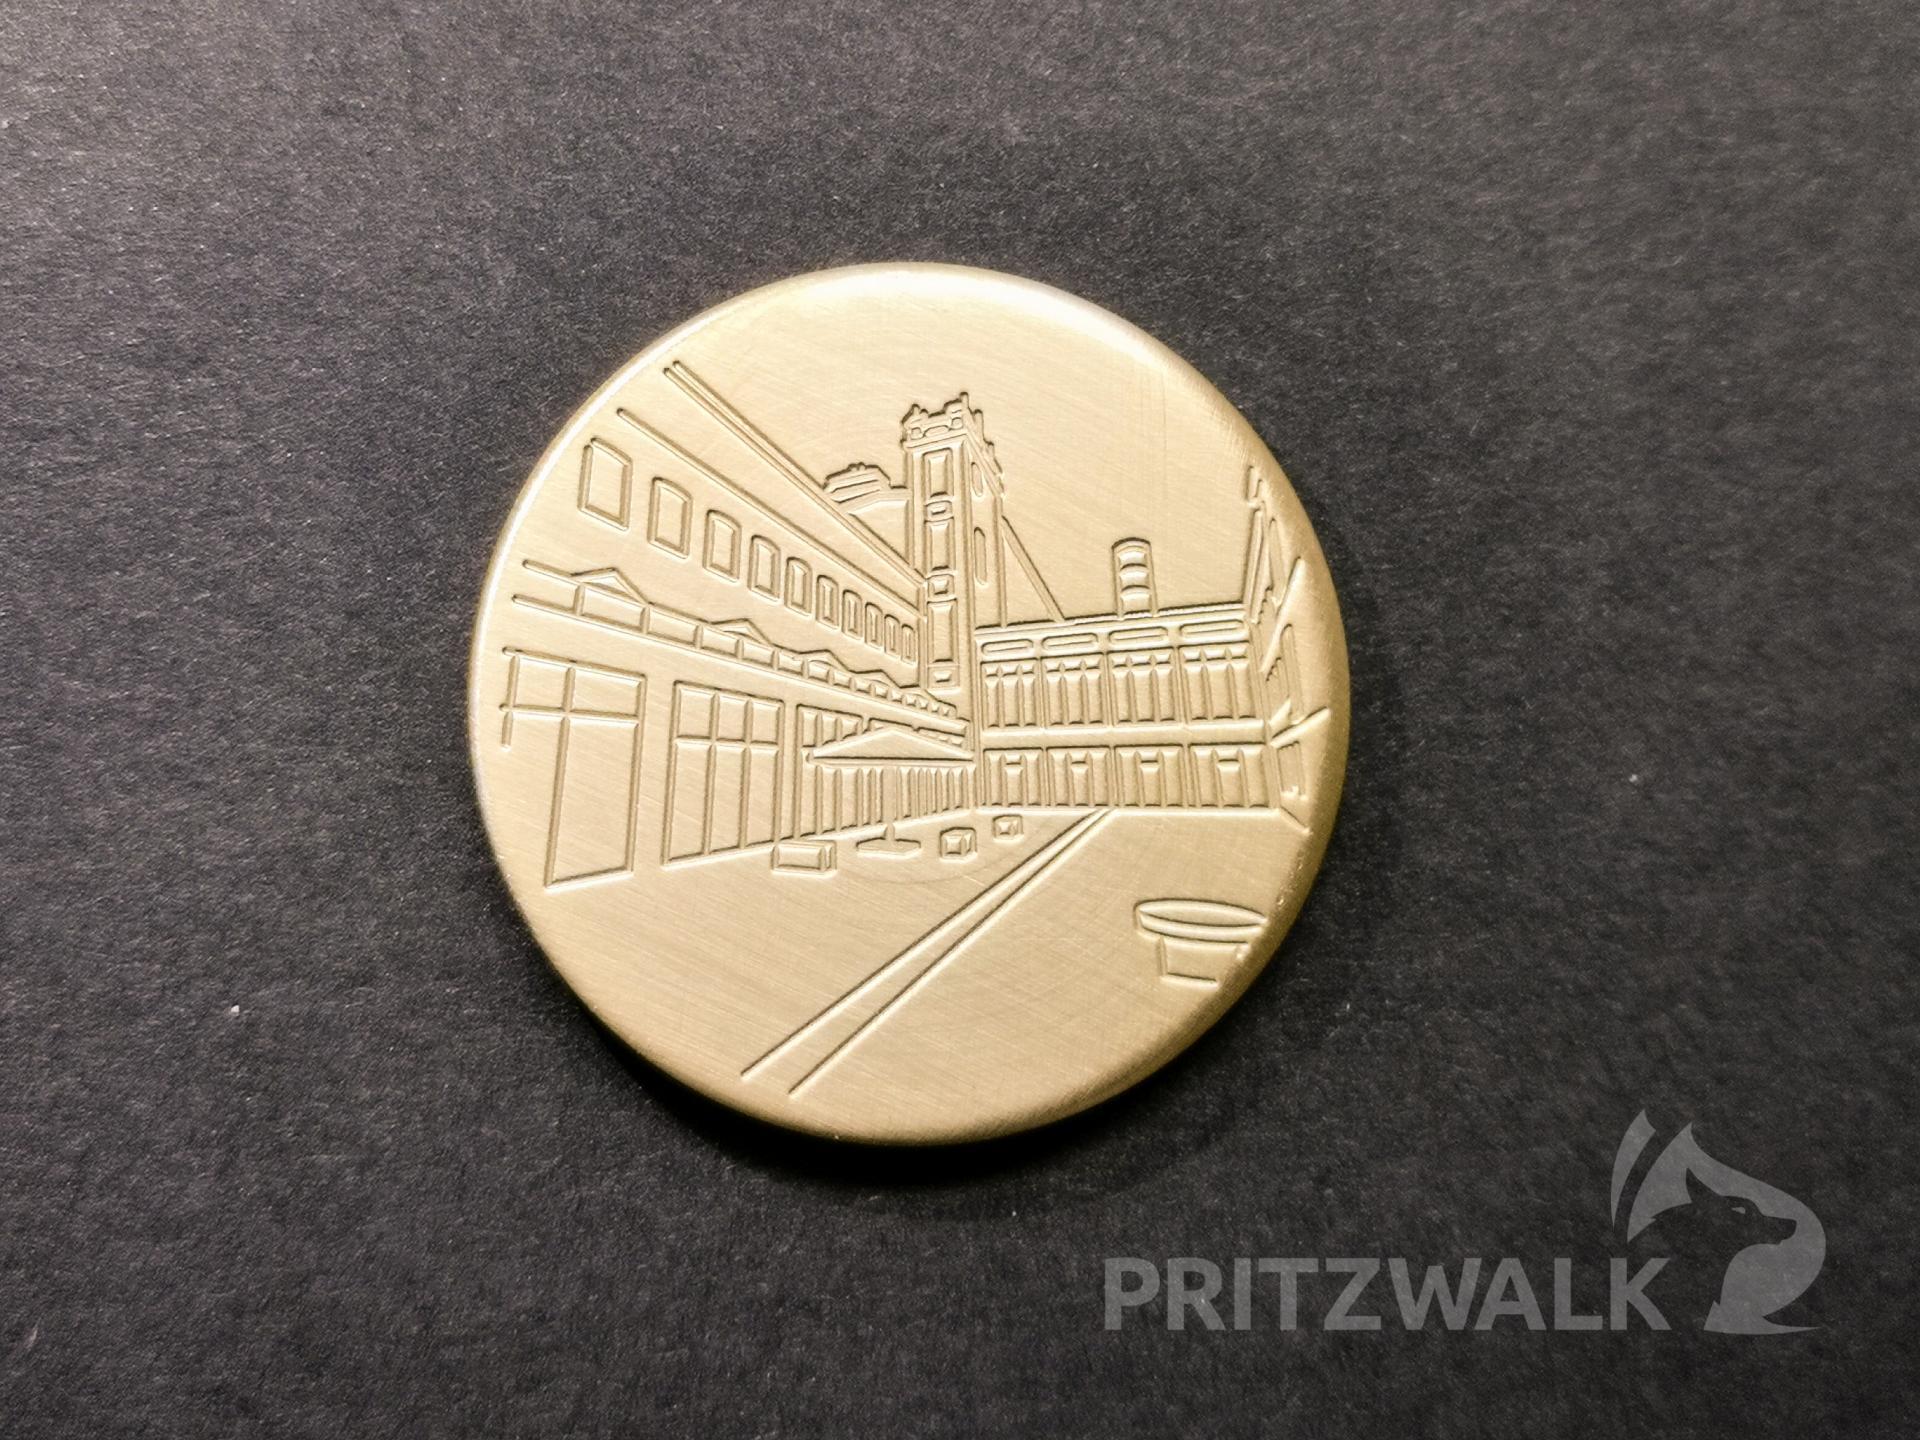 Januar-Münze mit Tuchfabrik.